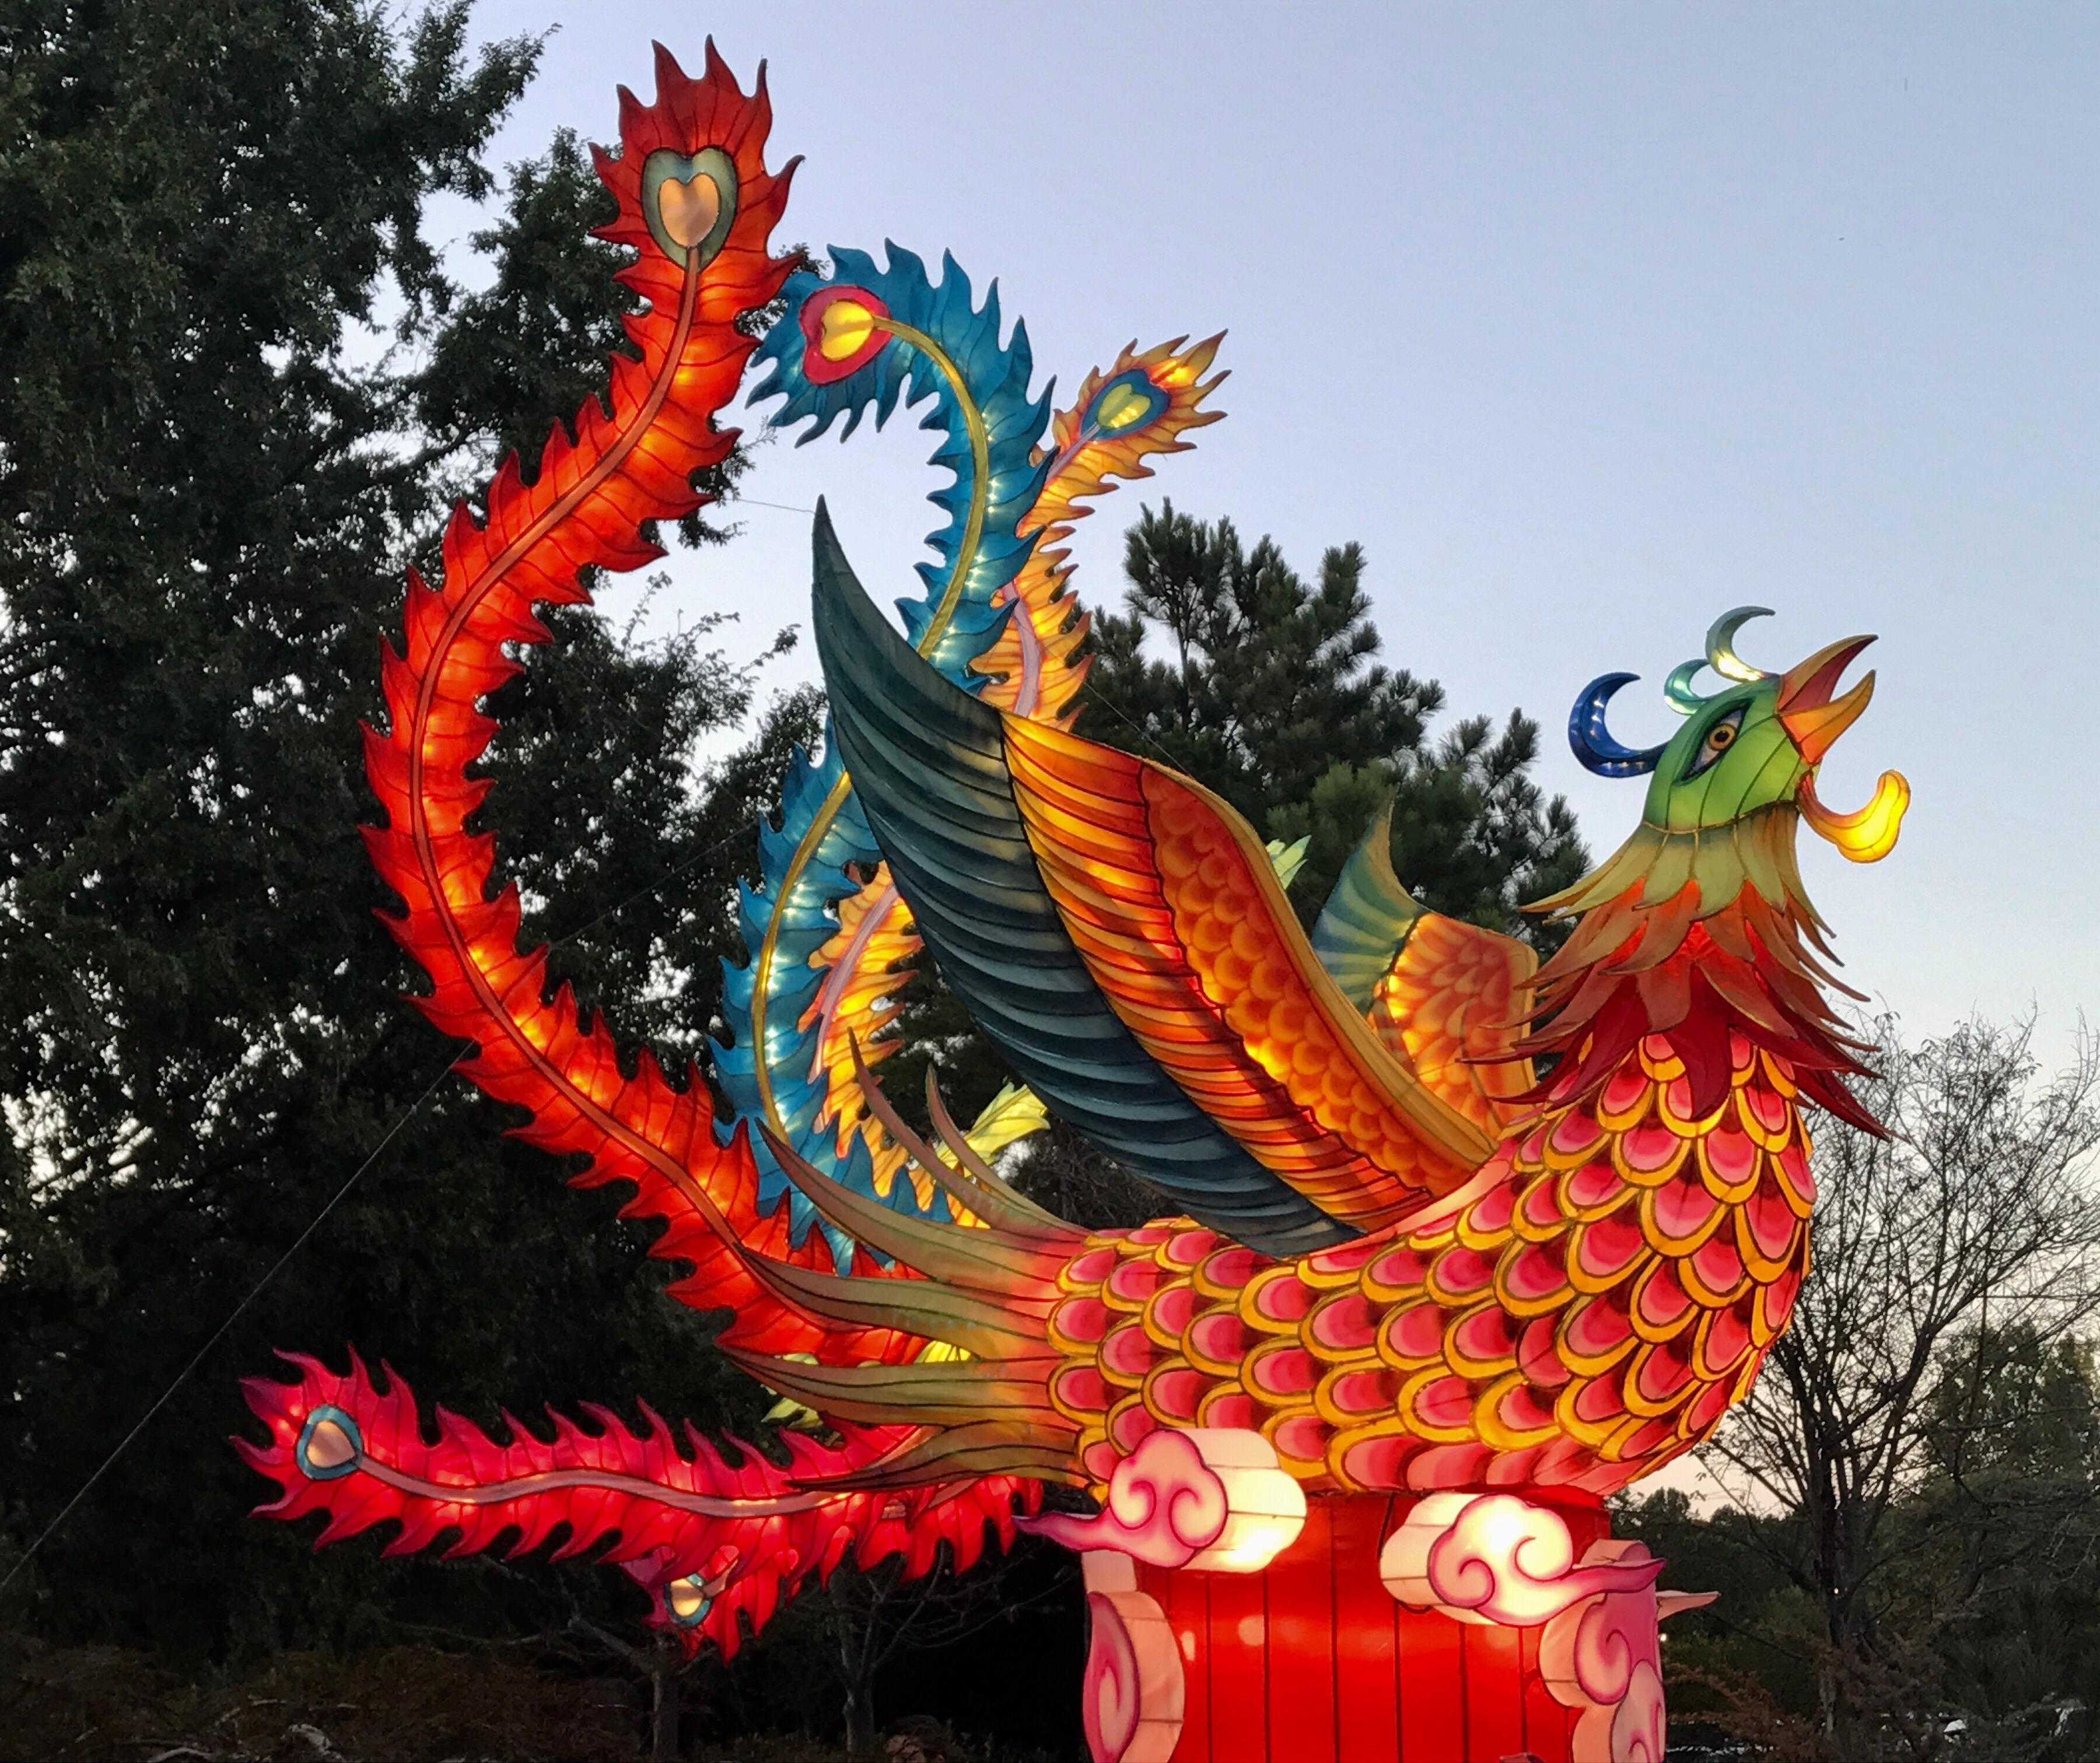 Strange Places Daniel Stowe Botanical Garden Chinese Lantern Festival Everyday Strange